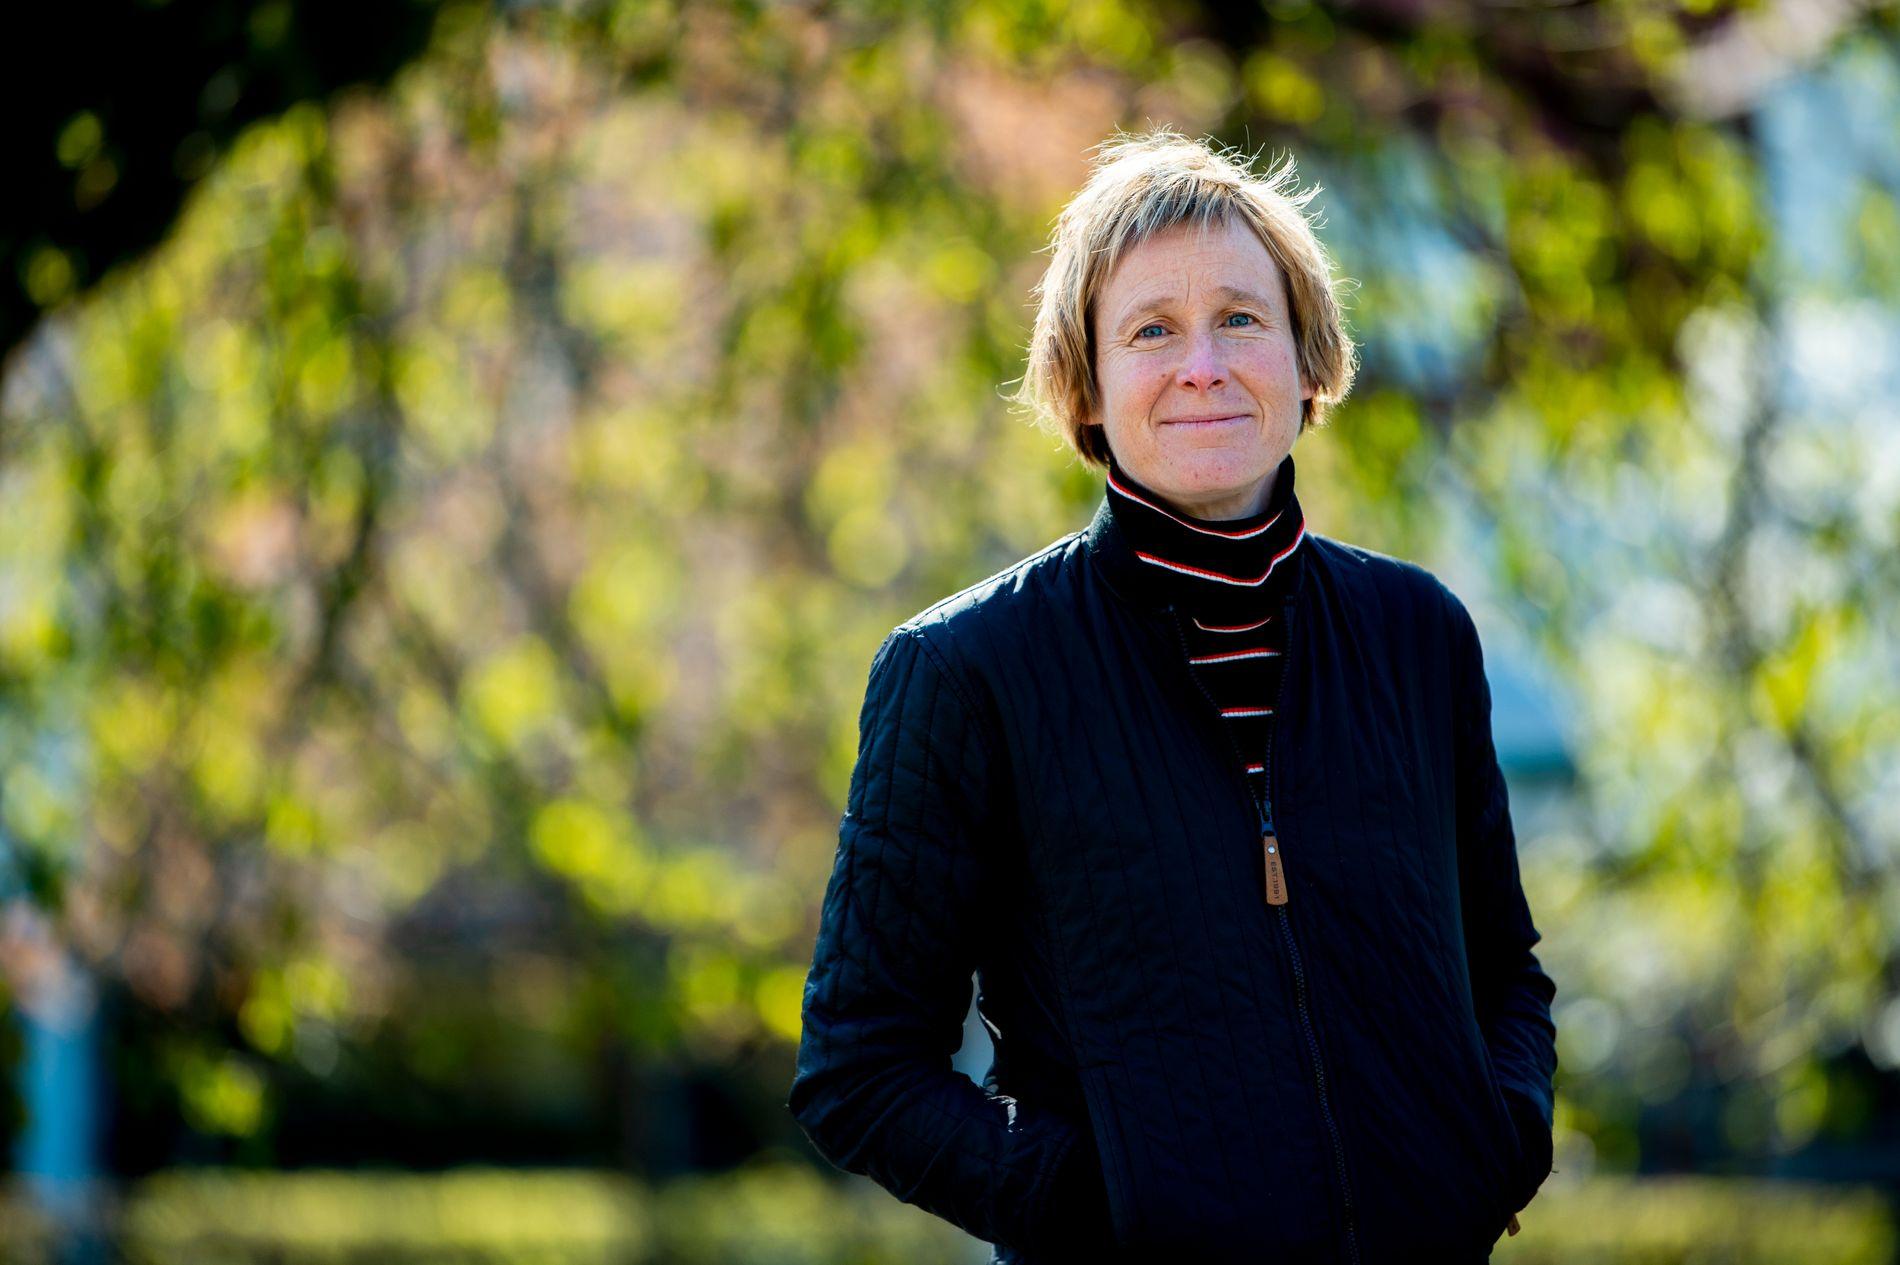 OPPDRAG MOTTRO: Linda Eide har premiere på Hordaland teater denne helgen.